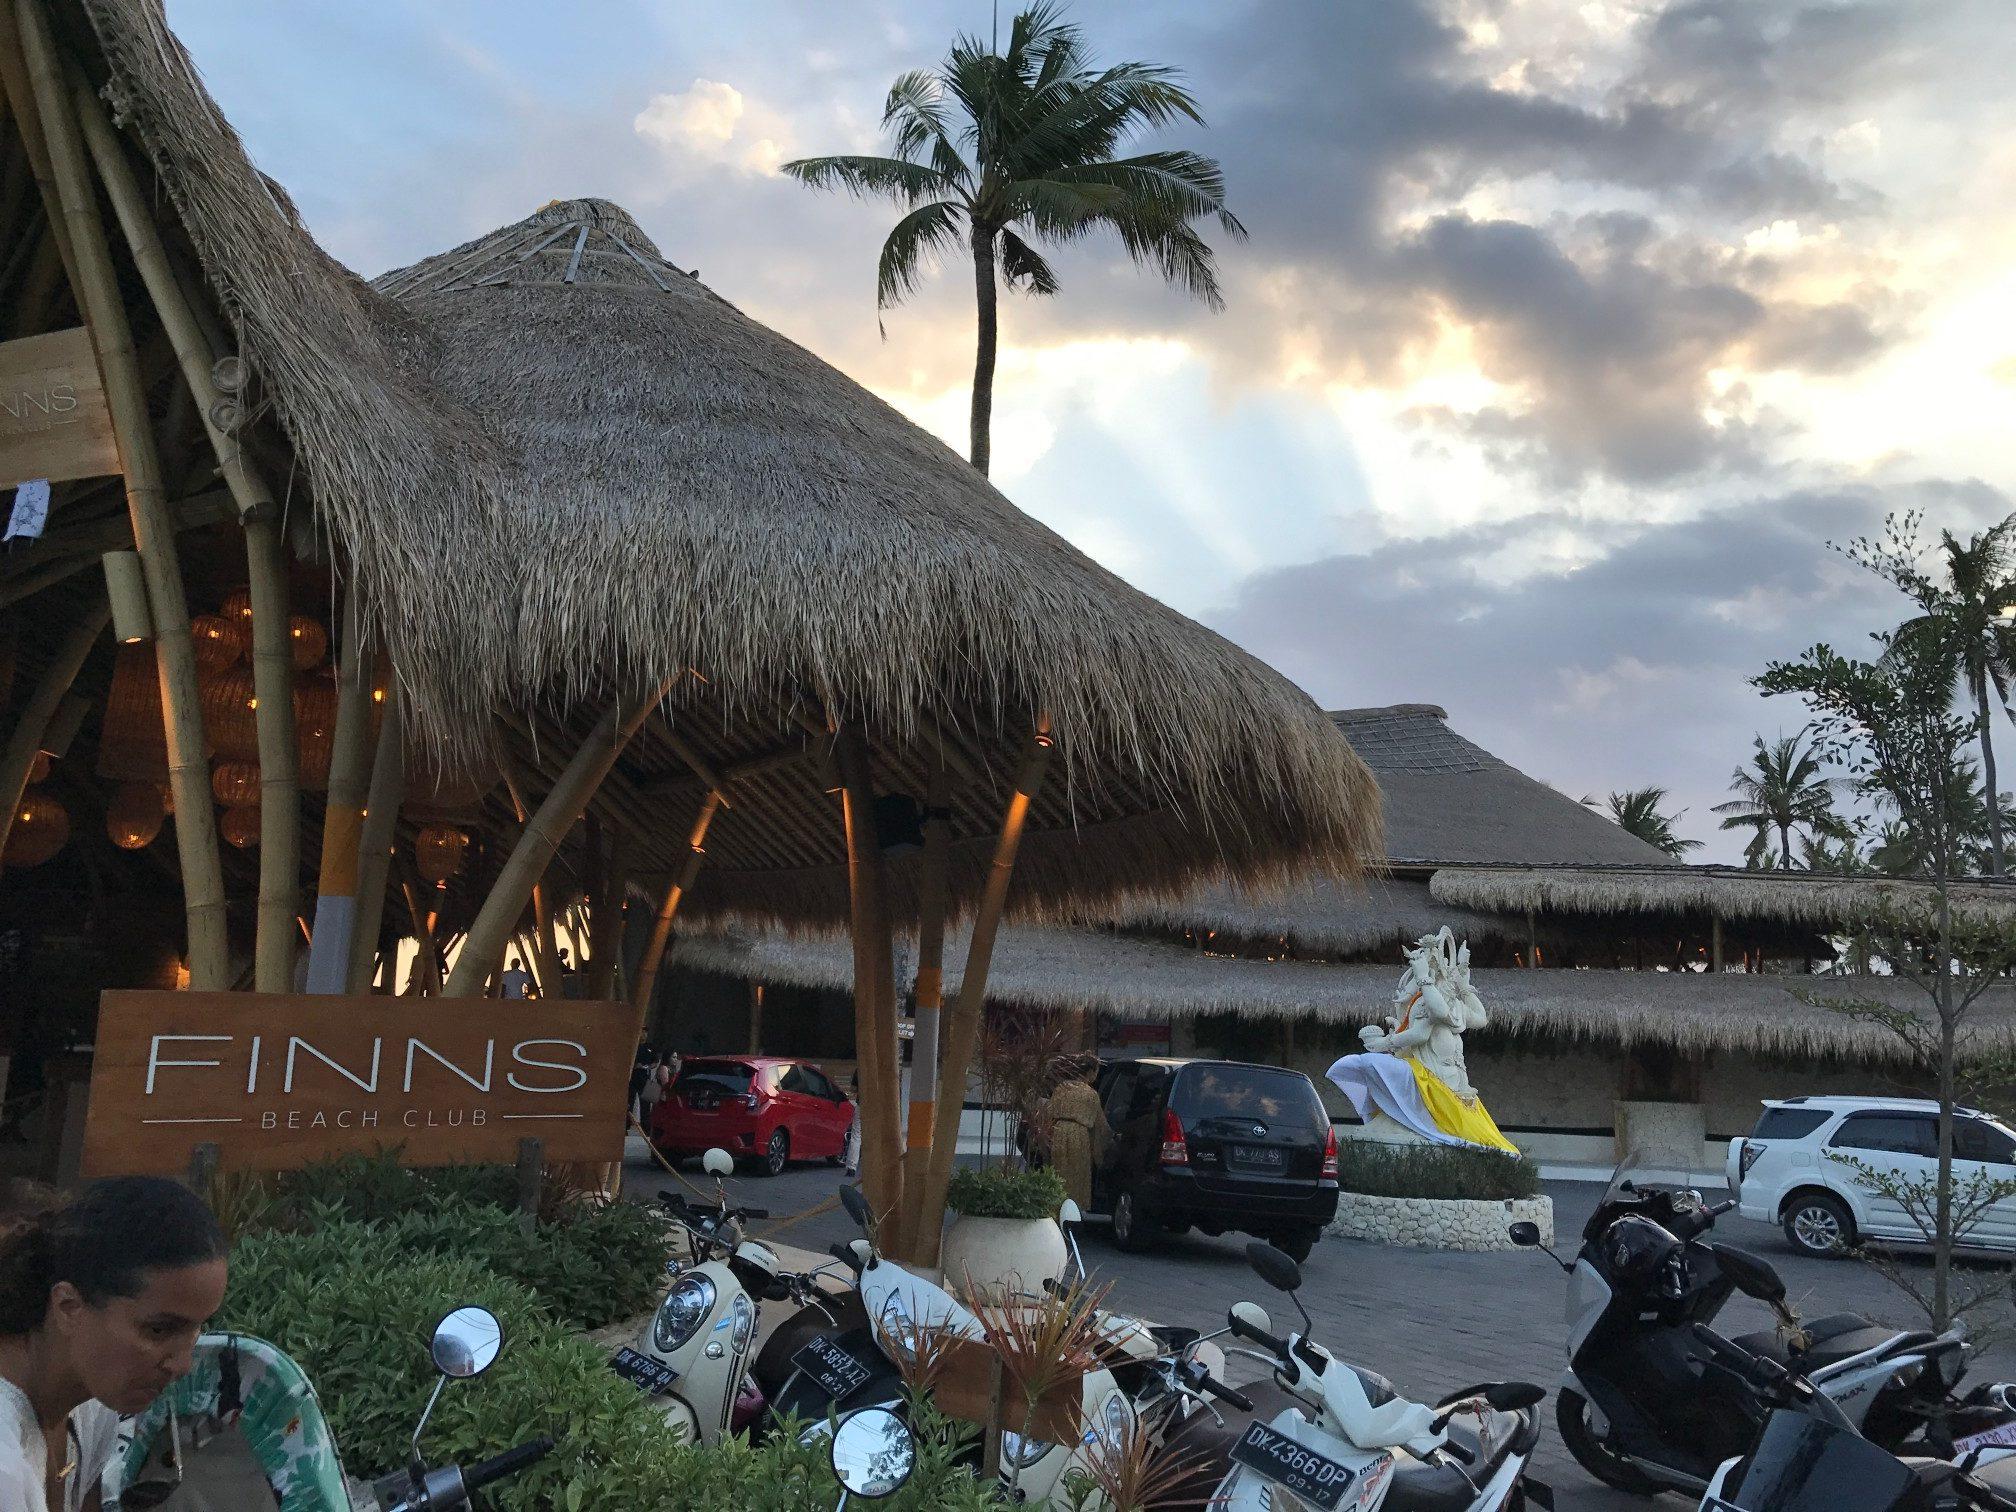 デートにぴったりバリ島で今話題のビーチクラブ FINNS BEACH CLUB1